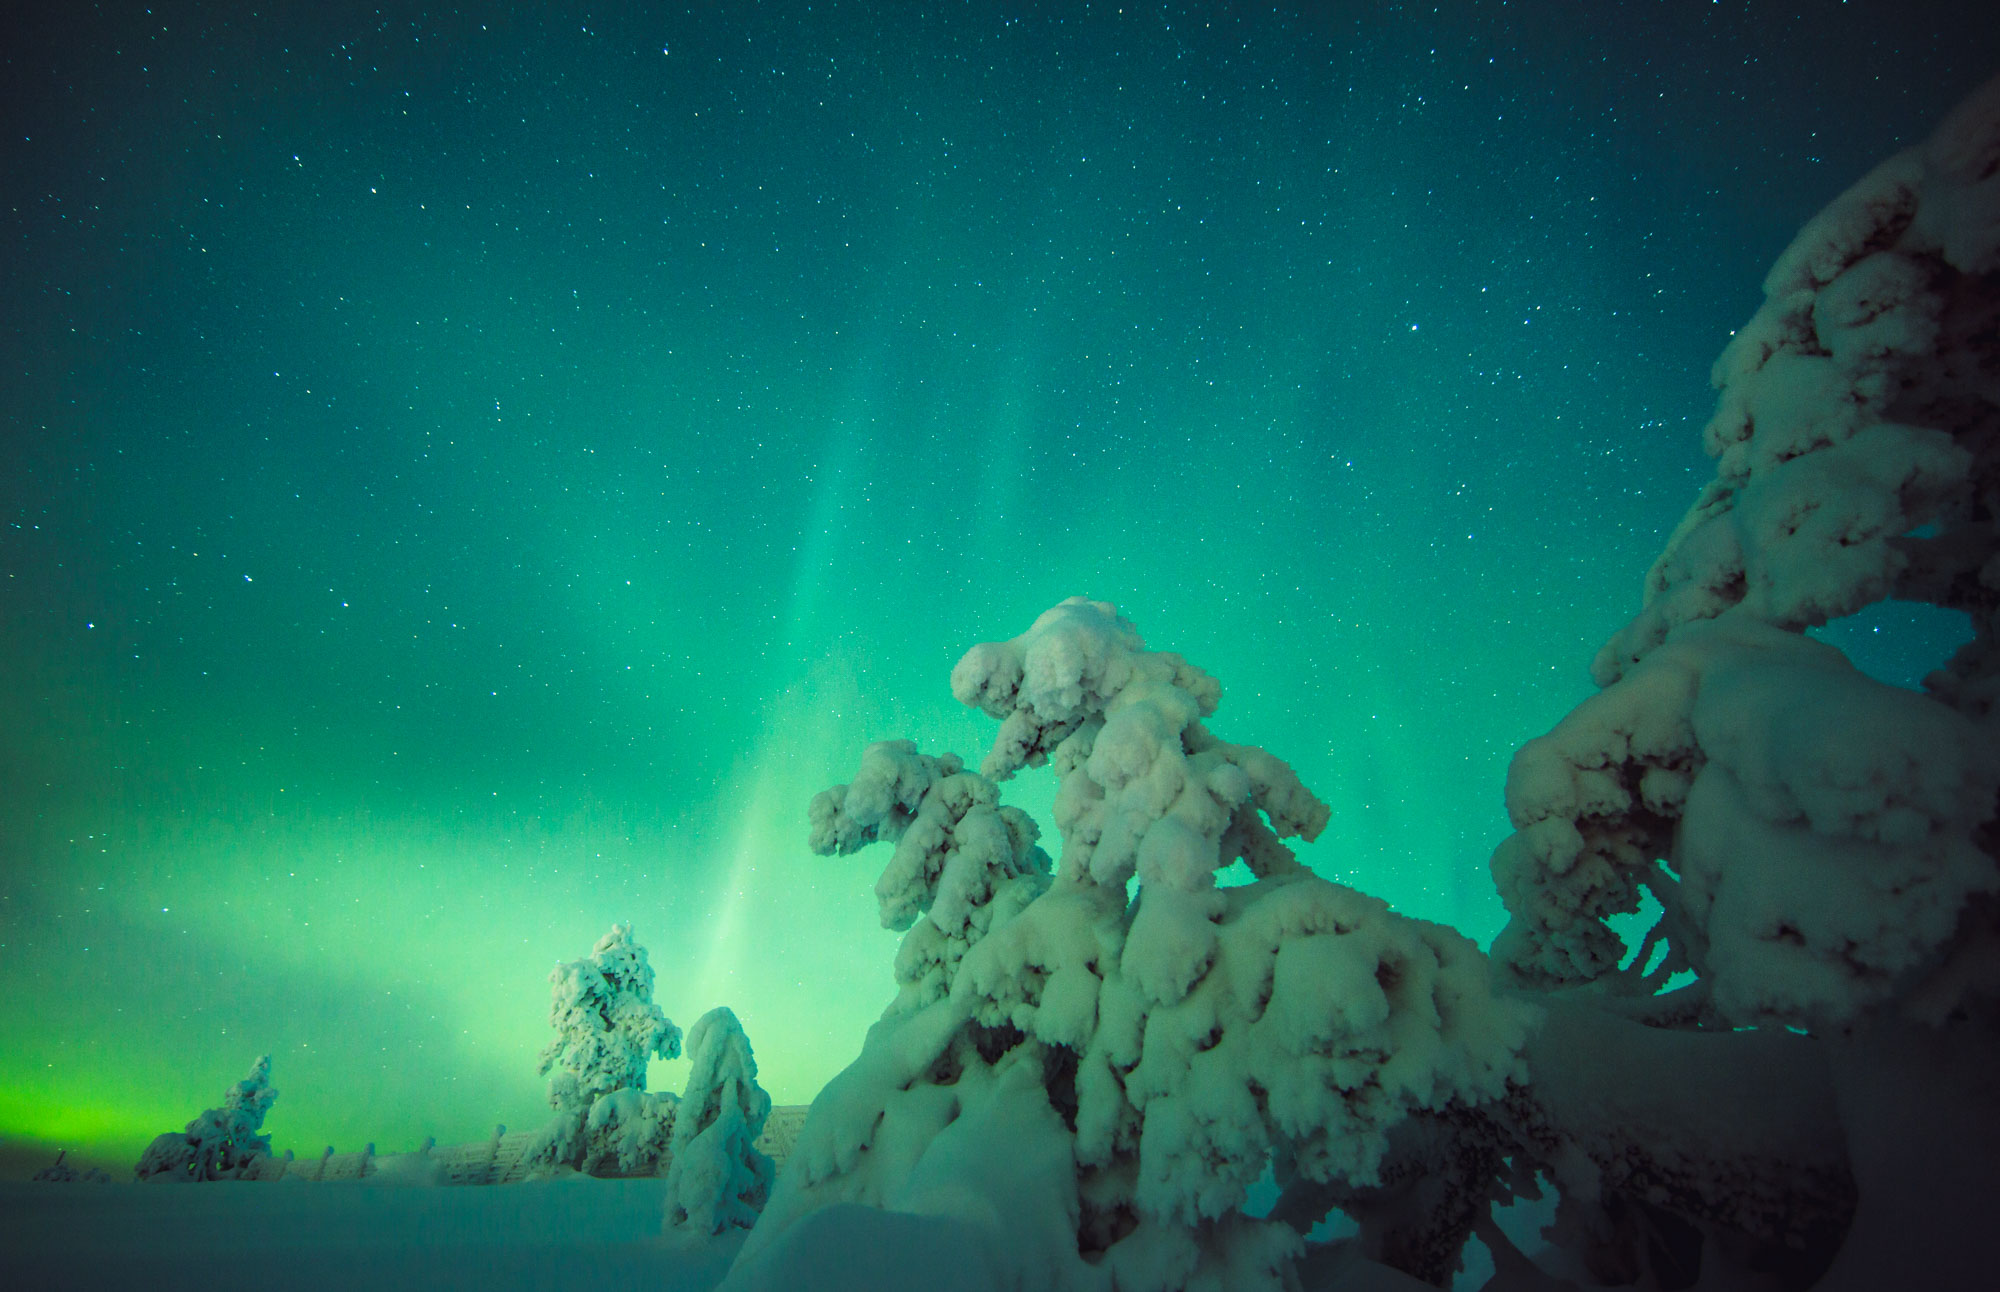 Finland - Auroras